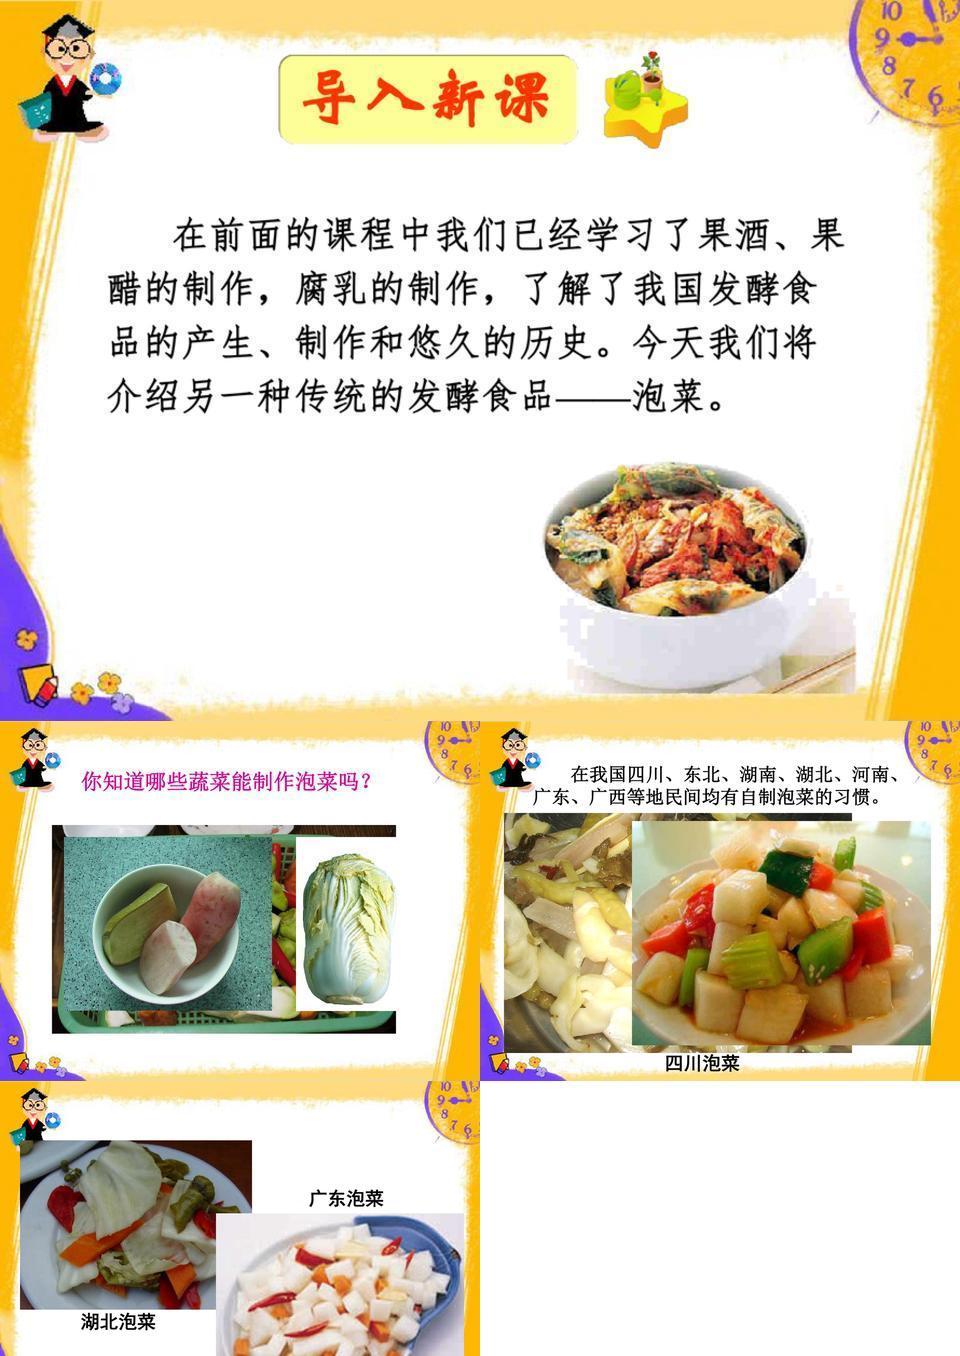 课题3 制作泡菜并检测亚硝酸盐.ppt